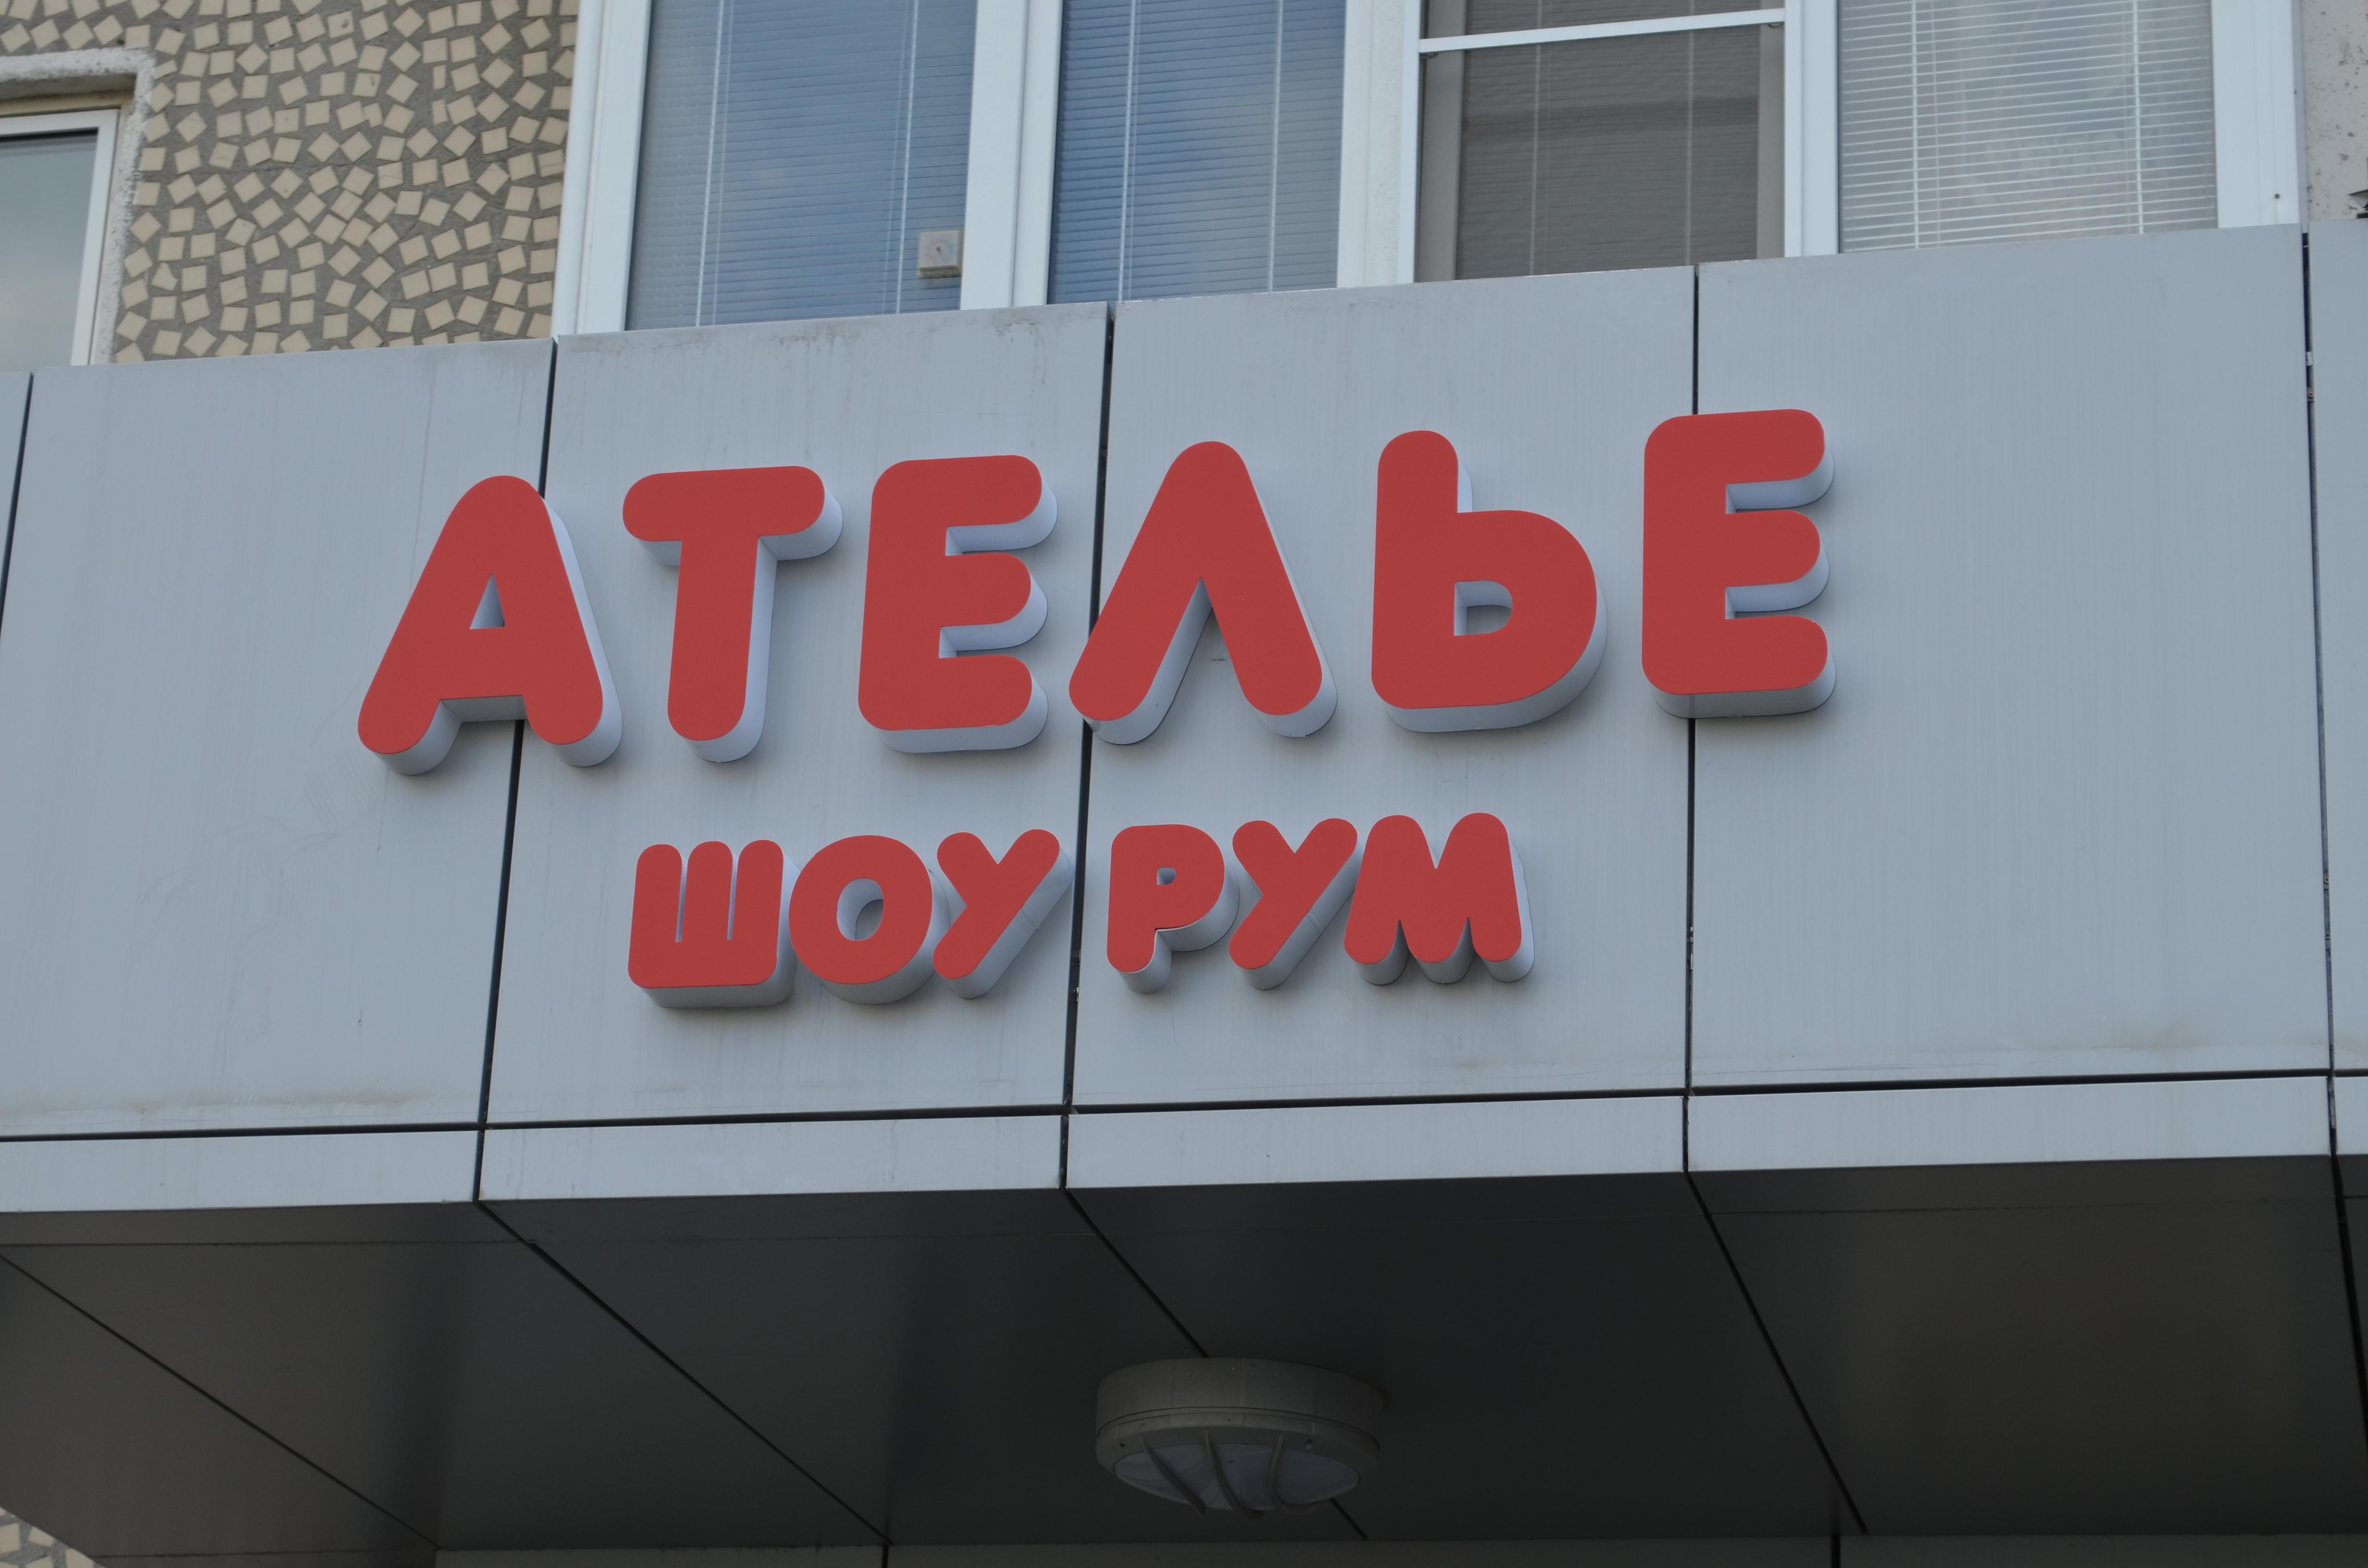 Ателье «Шоу Рум»